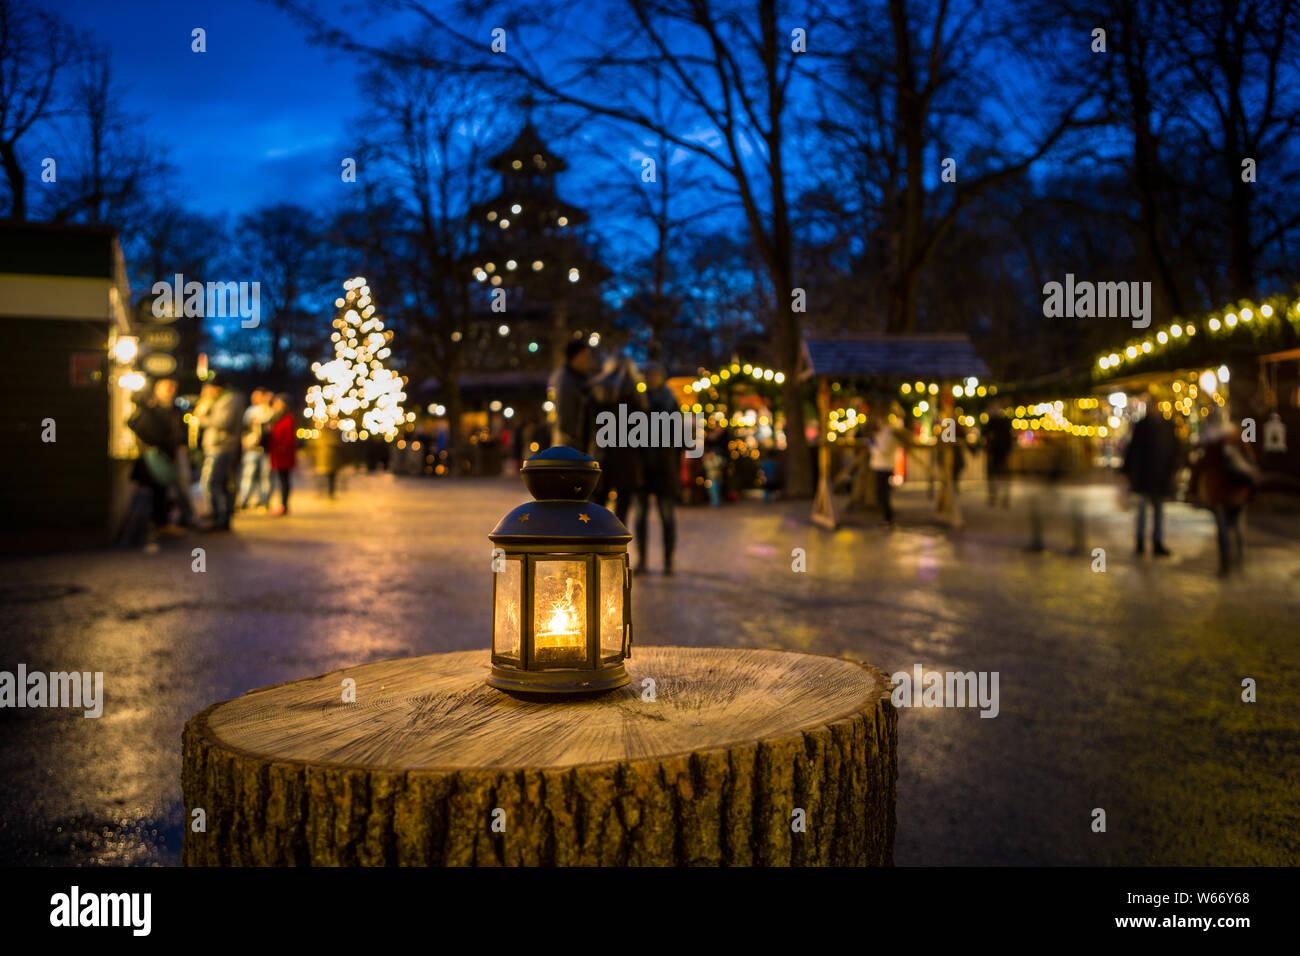 Lanterne sur une souche d'arbre à Noël à la Tour Chinoise, Munich, Allemagne Banque D'Images